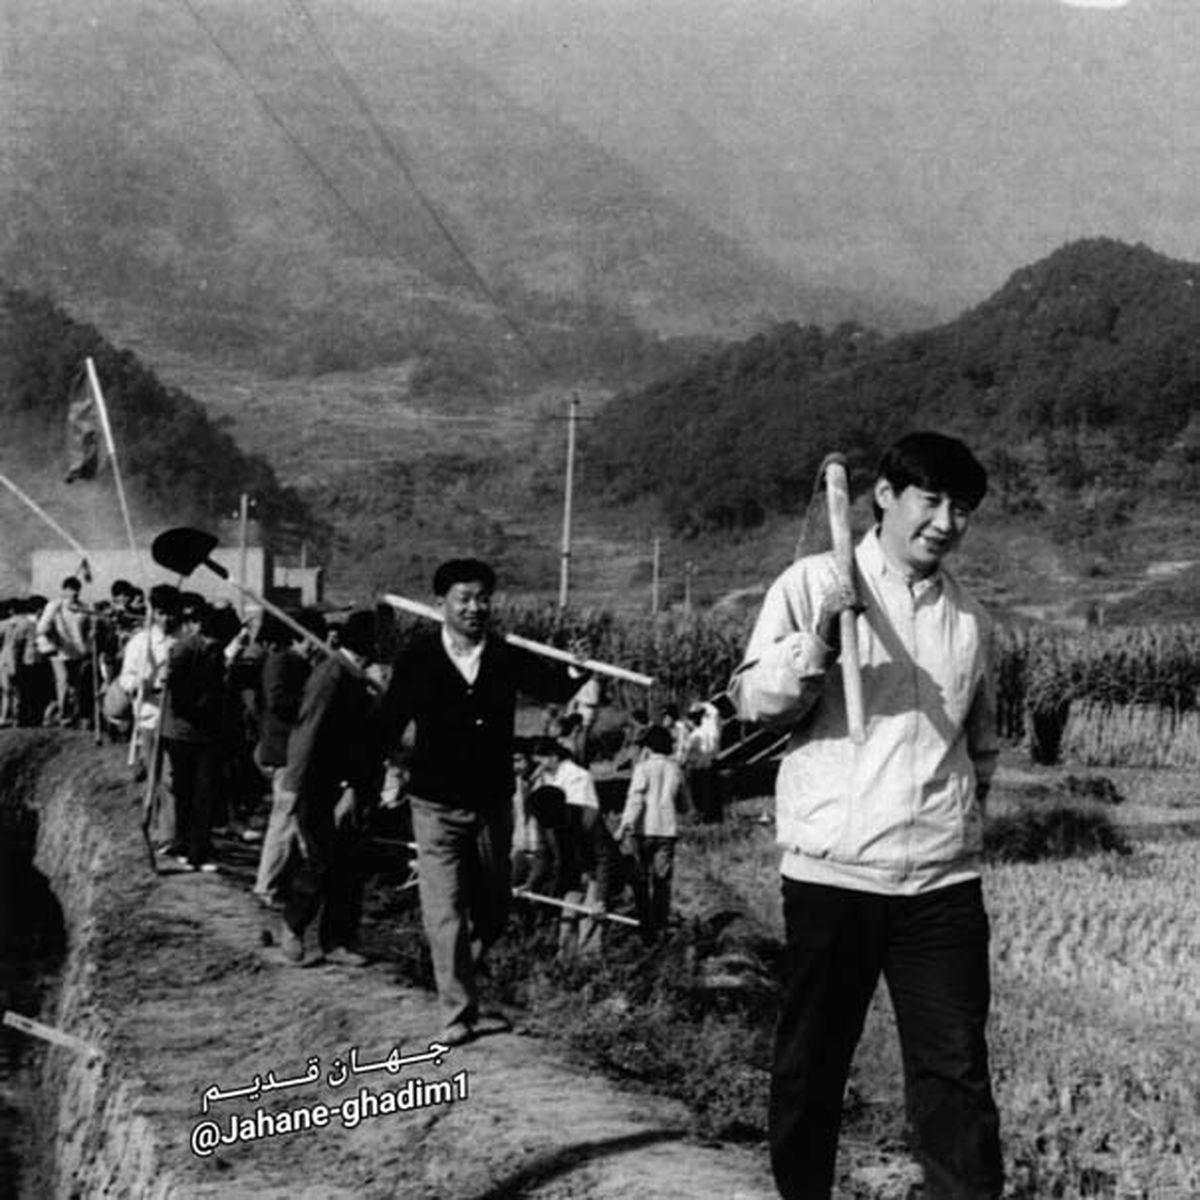 عکسی از جوانی رئیسجمهور کنونی چین (نفر اول) وقتی کشاورز بود